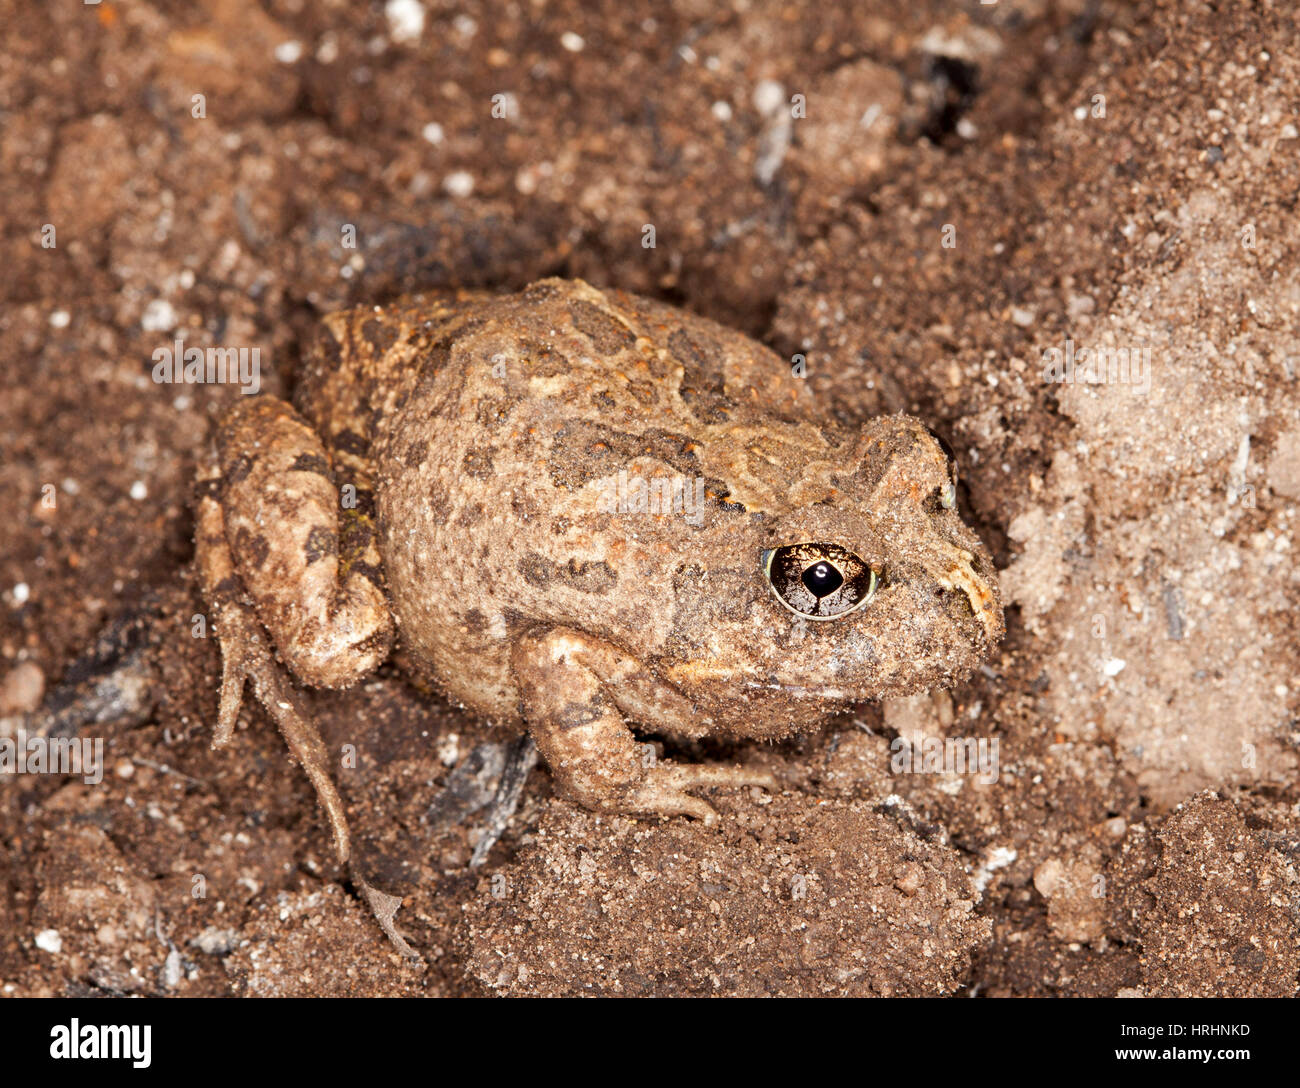 Kleiner Brauner Frosch, verzierten wühlen Frosch Platyplectrum Ornatum Sy Opistodon Ornatum getarnt auf braune Stockbild